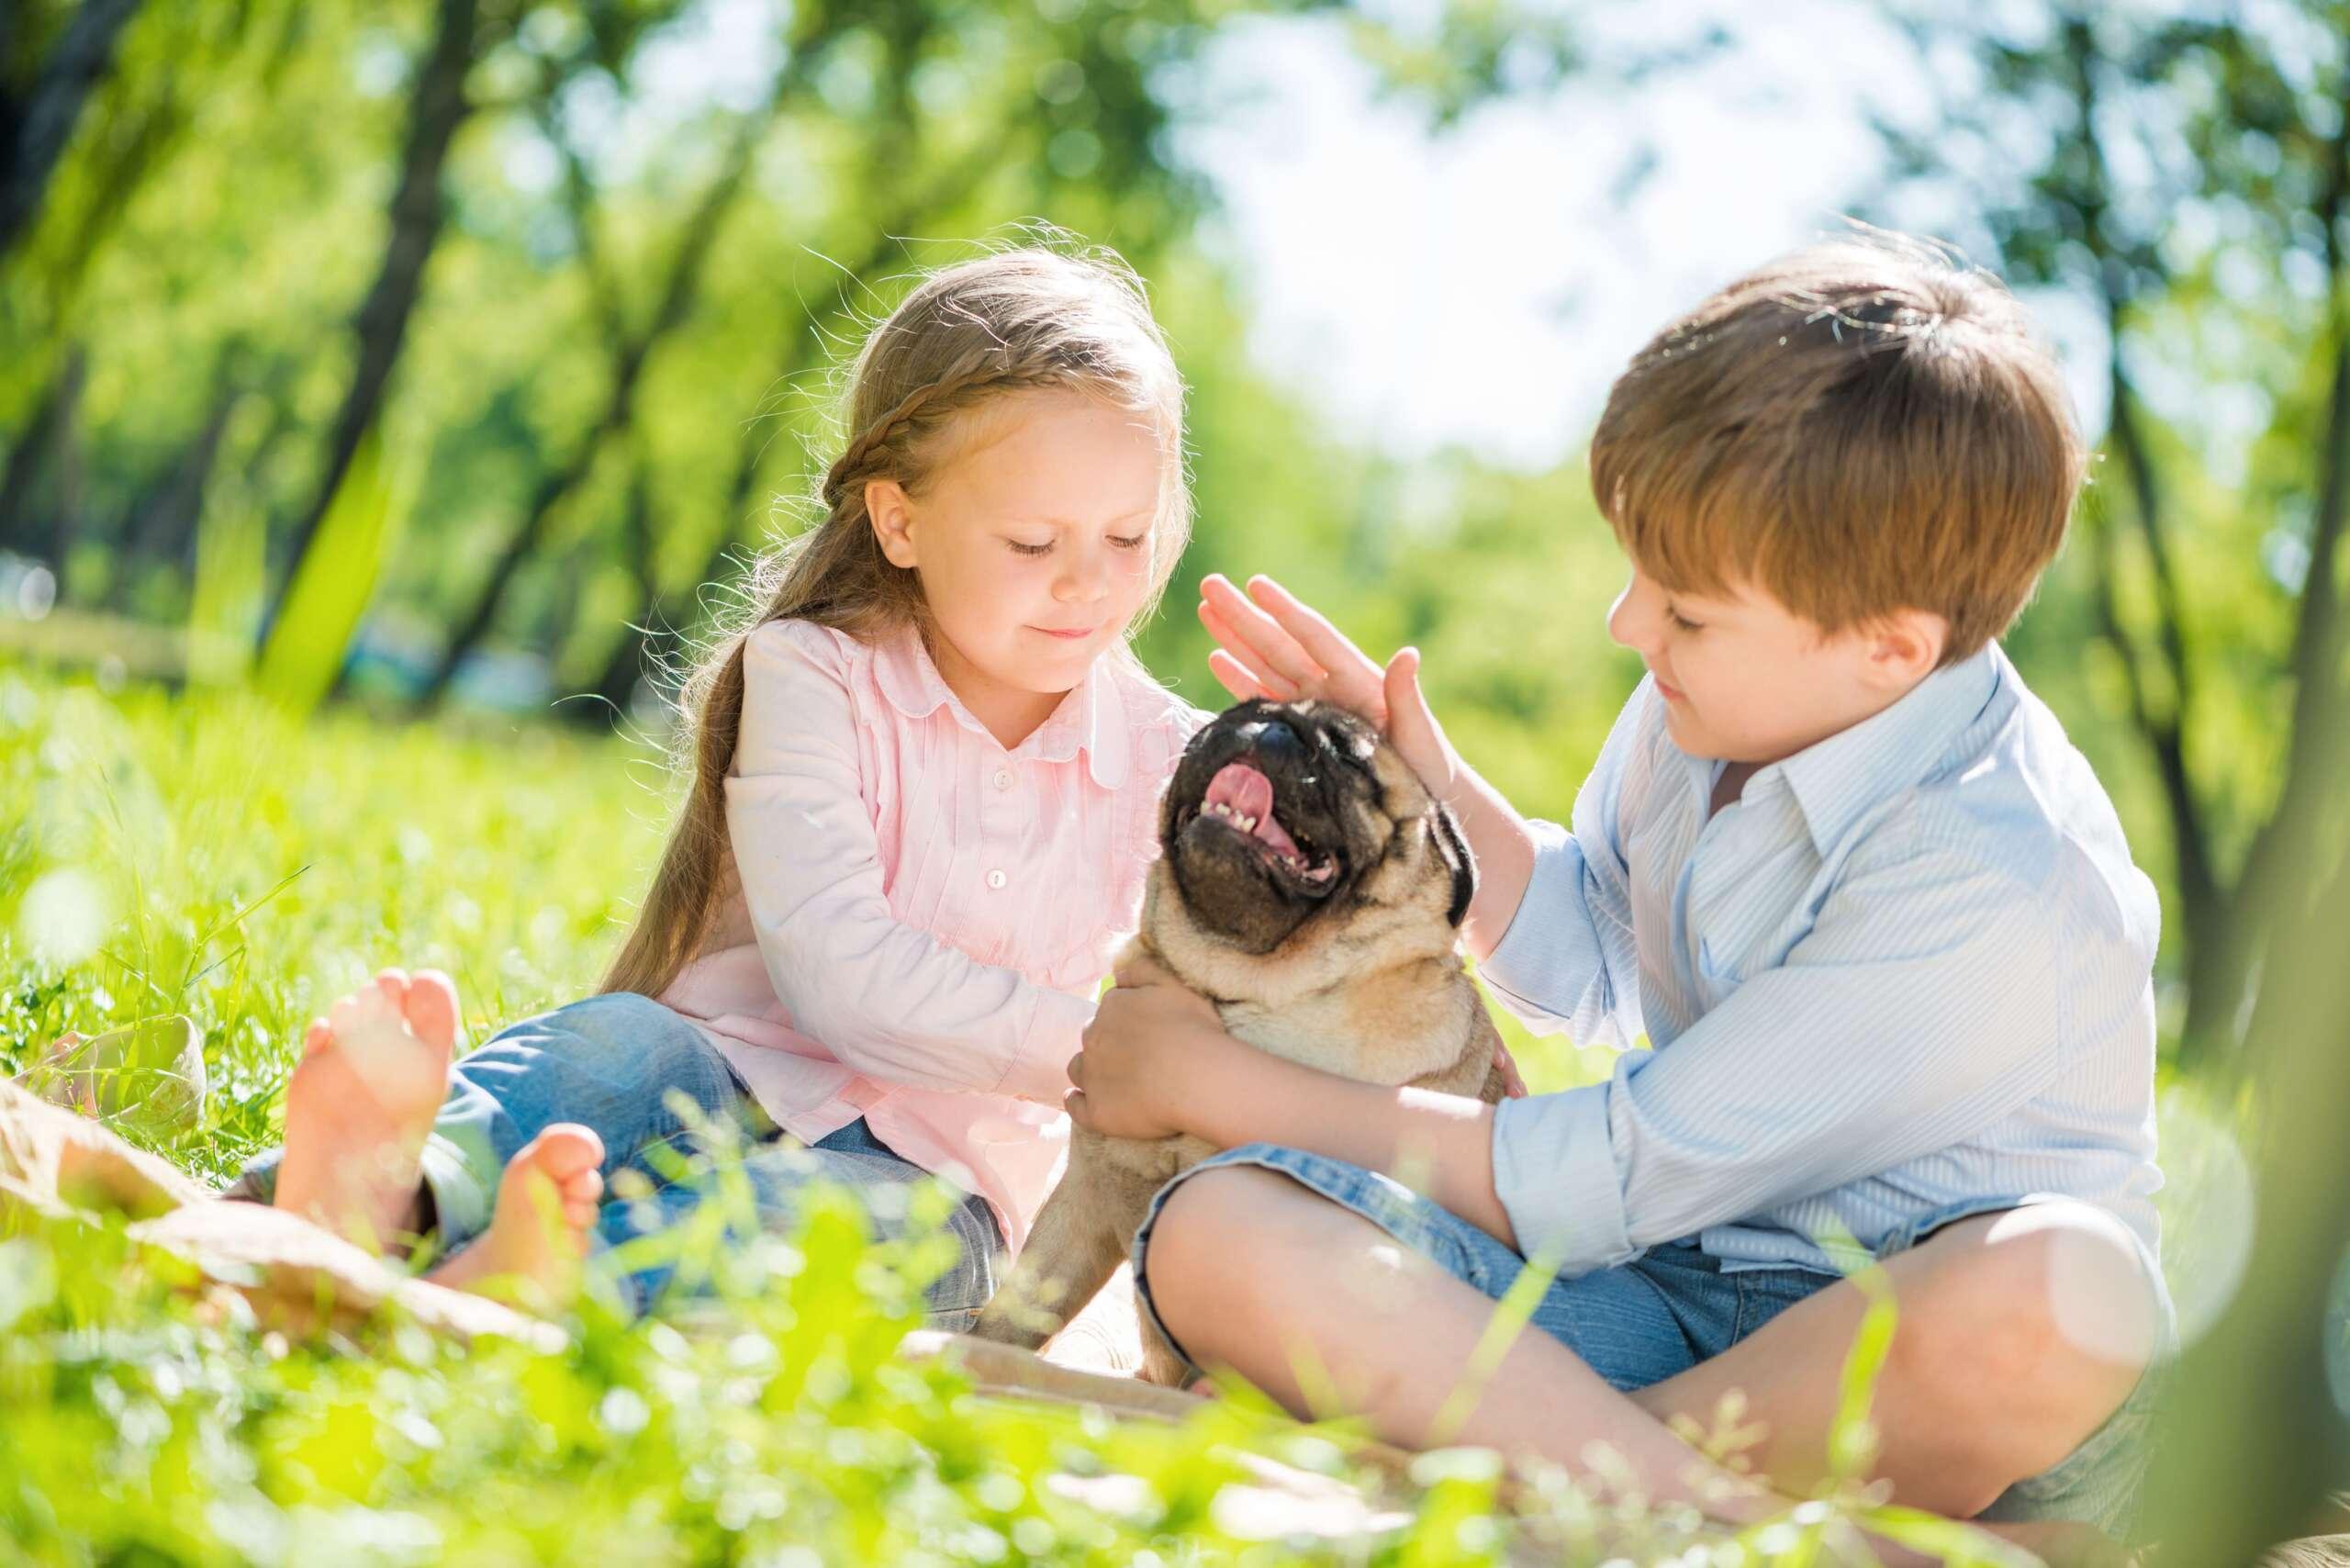 chłopiec i dziewczynka bawią się z psem